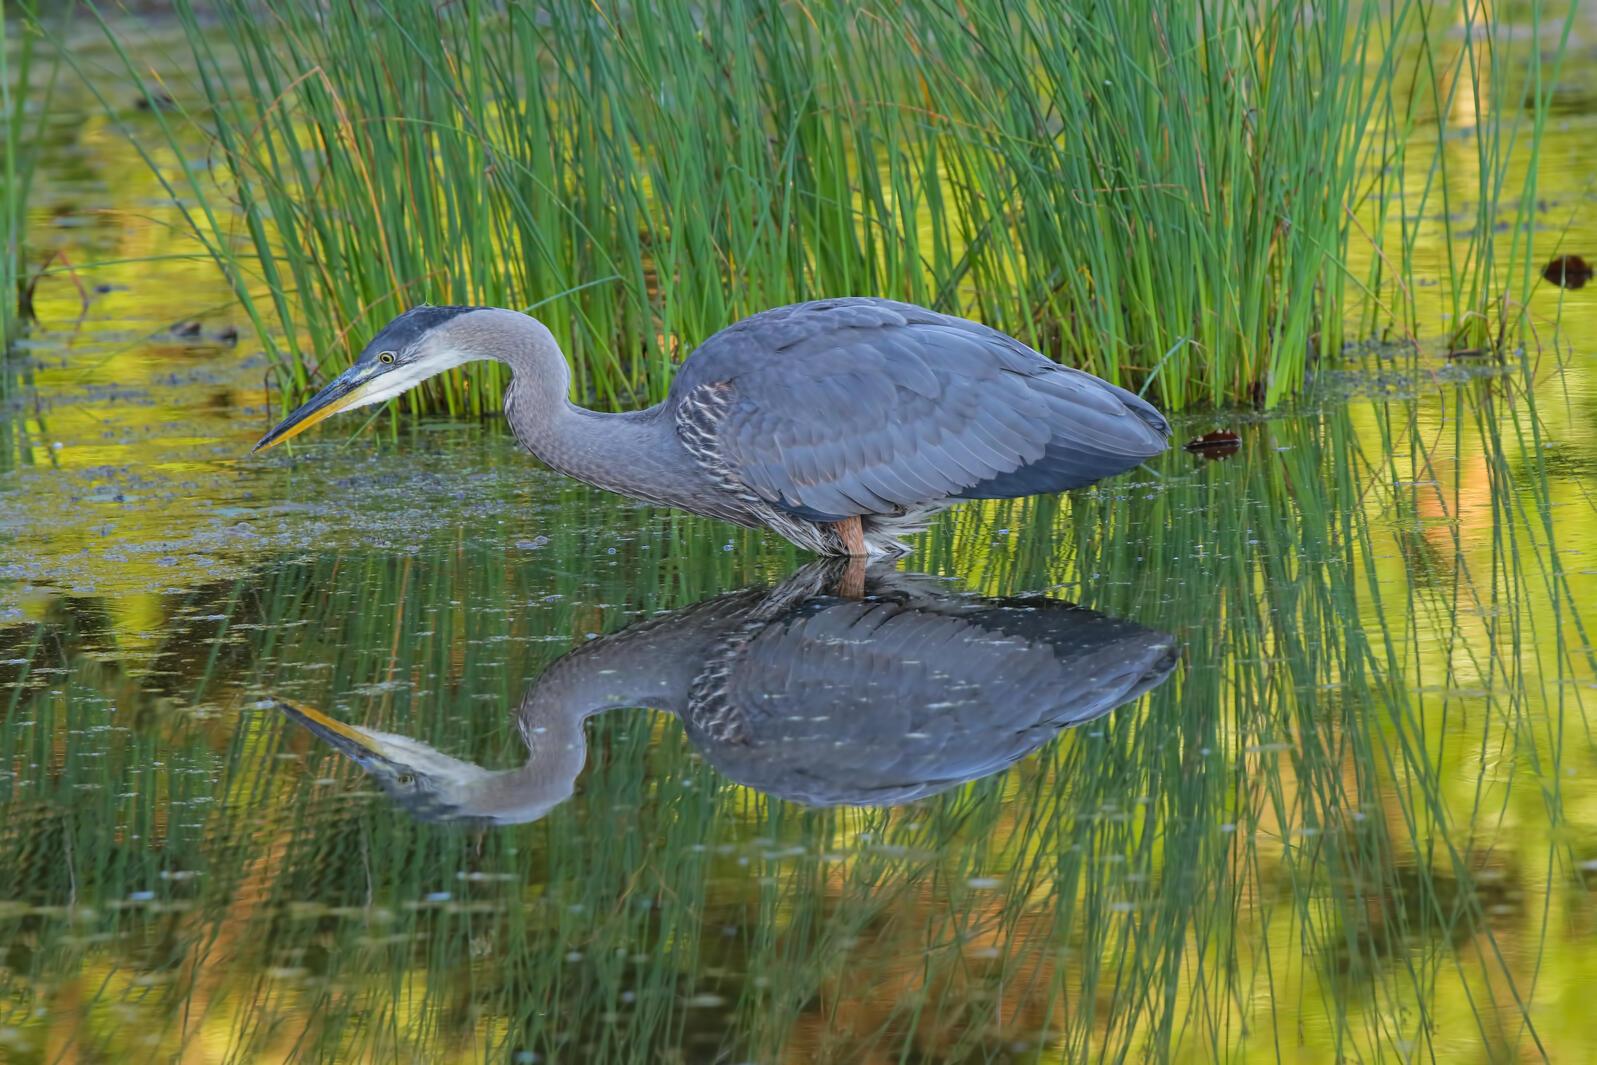 Great Blue Heron. Photo: Madeline Poster/Audubon Photography Awards